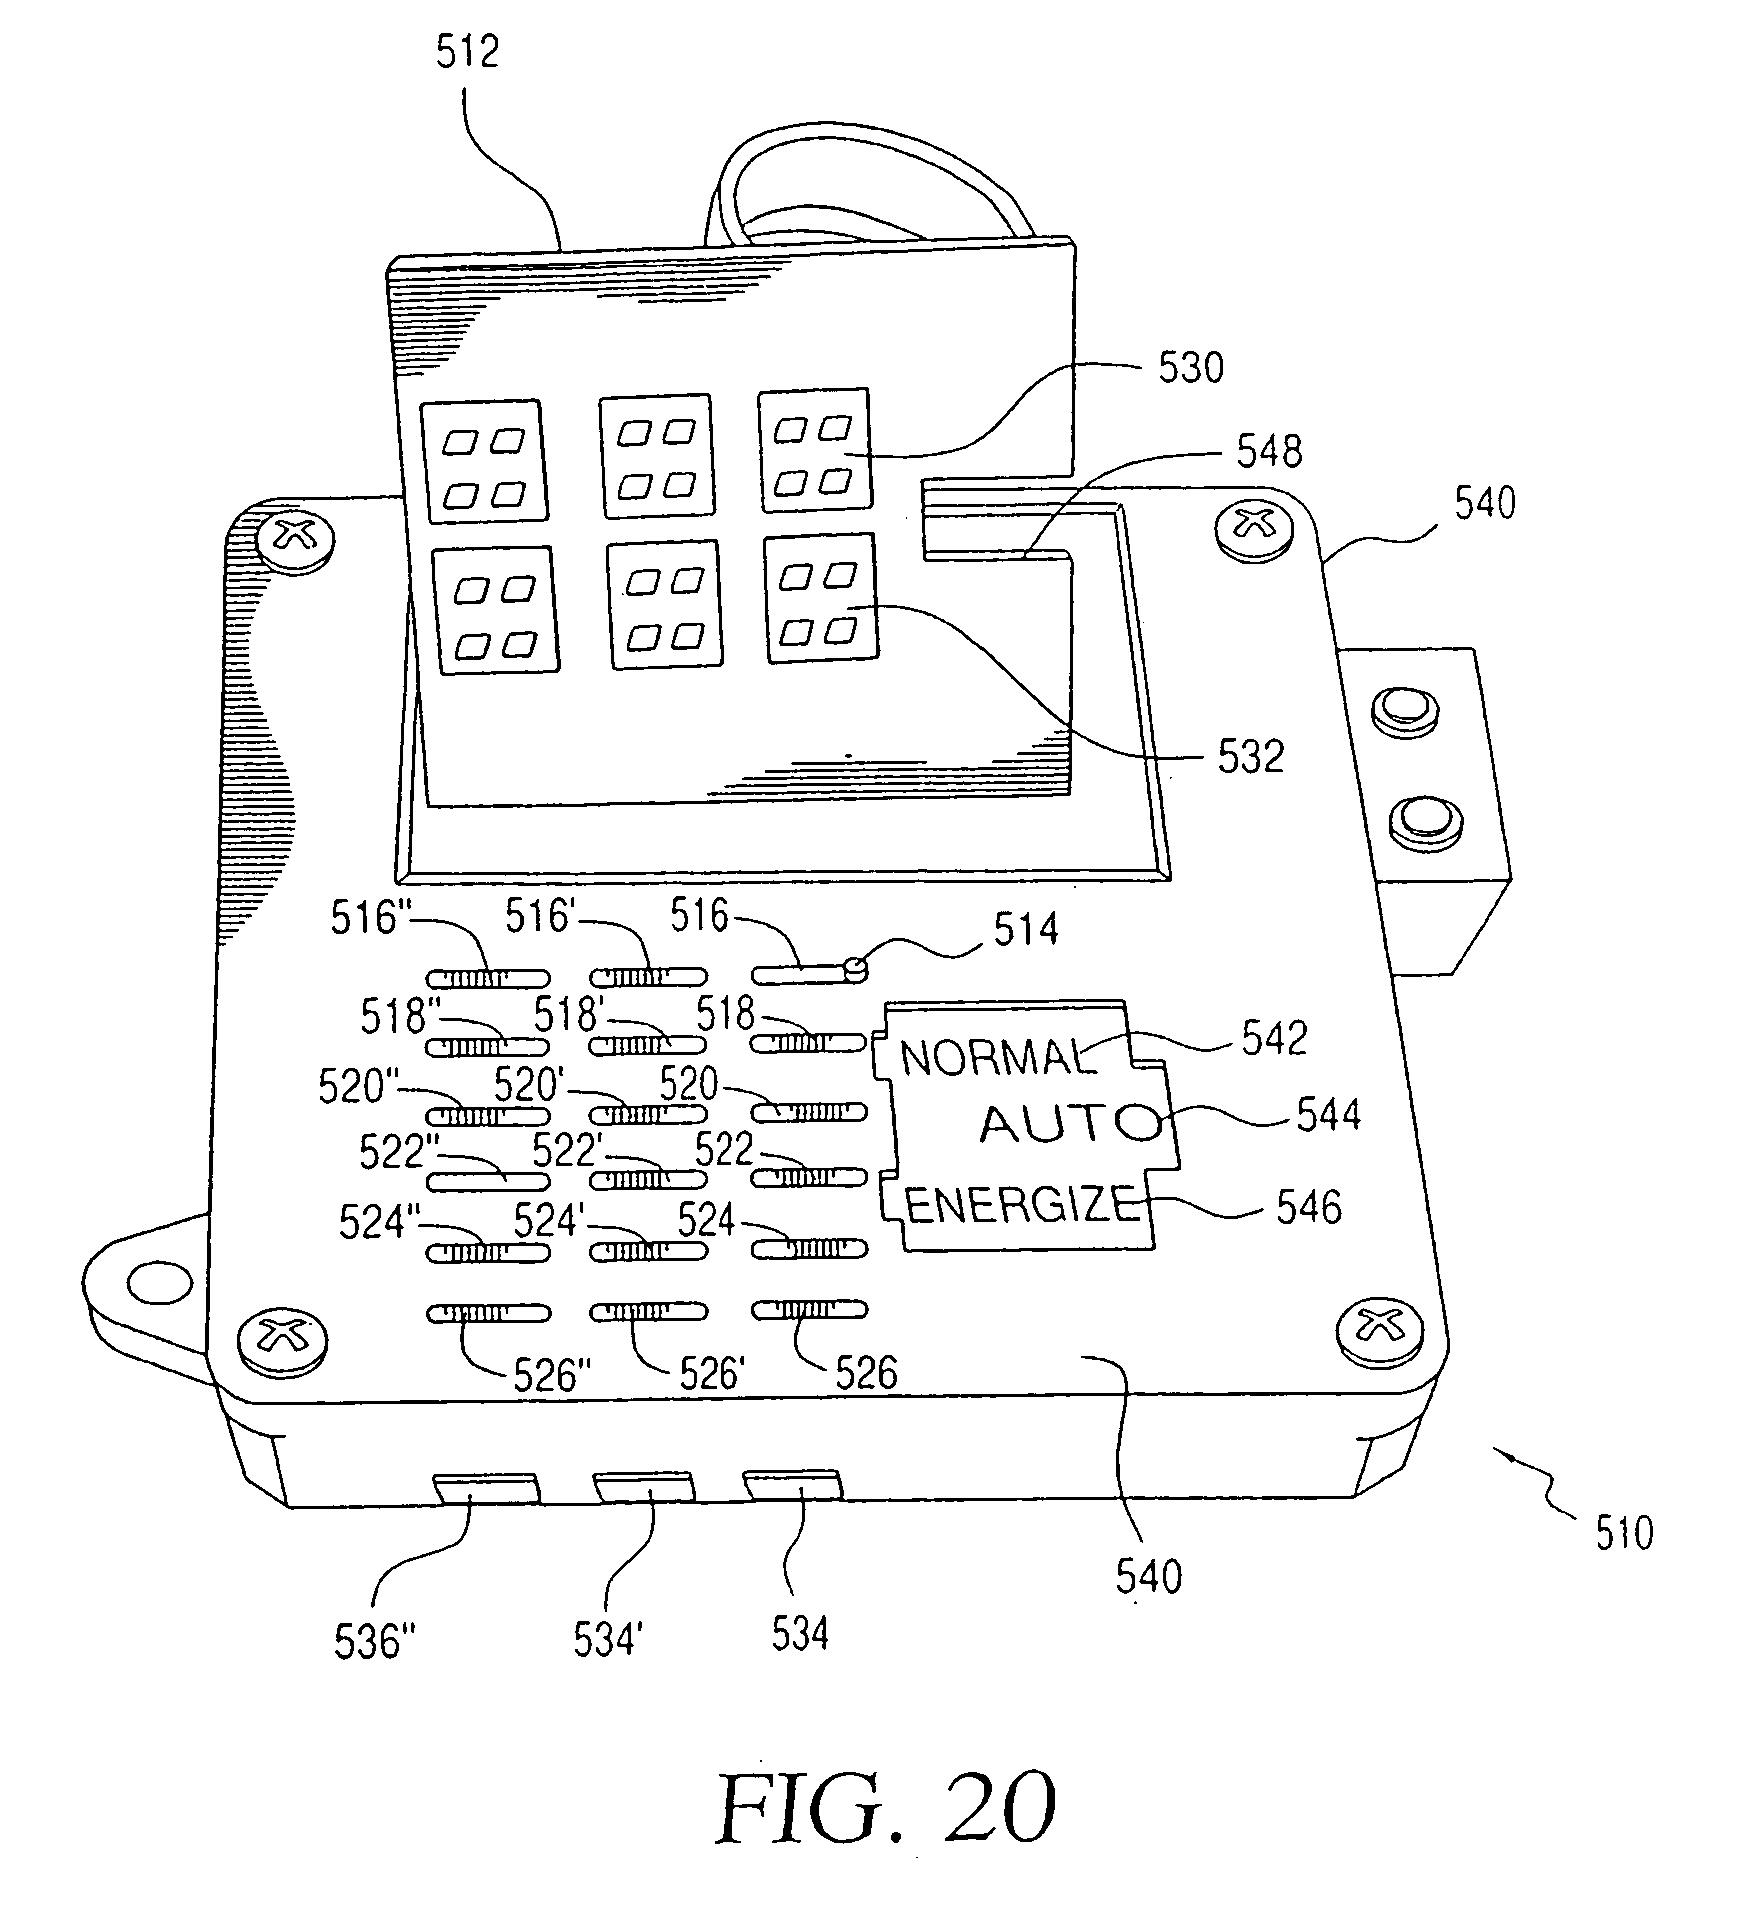 Phase Transformer Wiring Diagram Get Free Image About Wiring Diagram